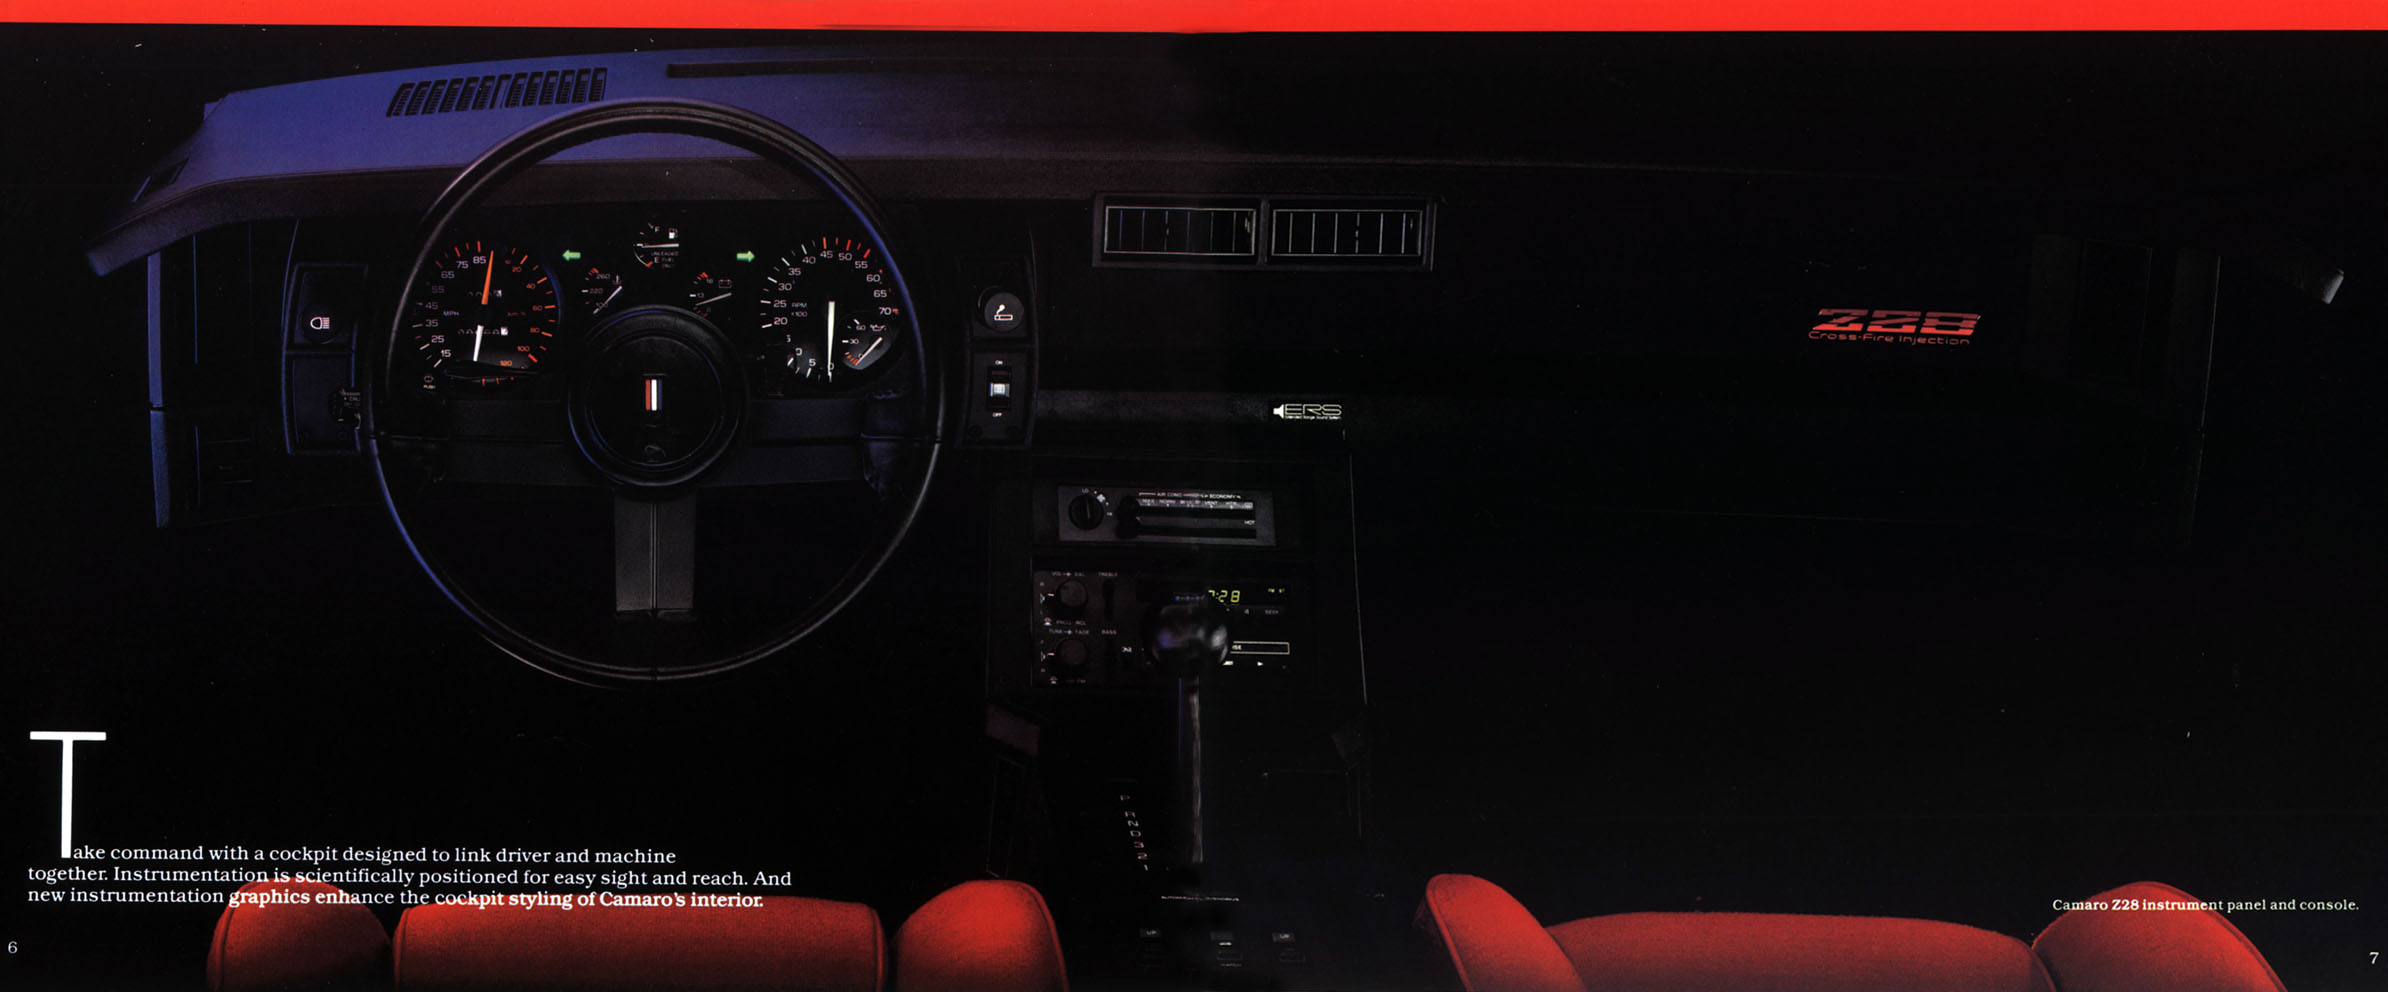 1983 Camaro OEM Brochure (4)